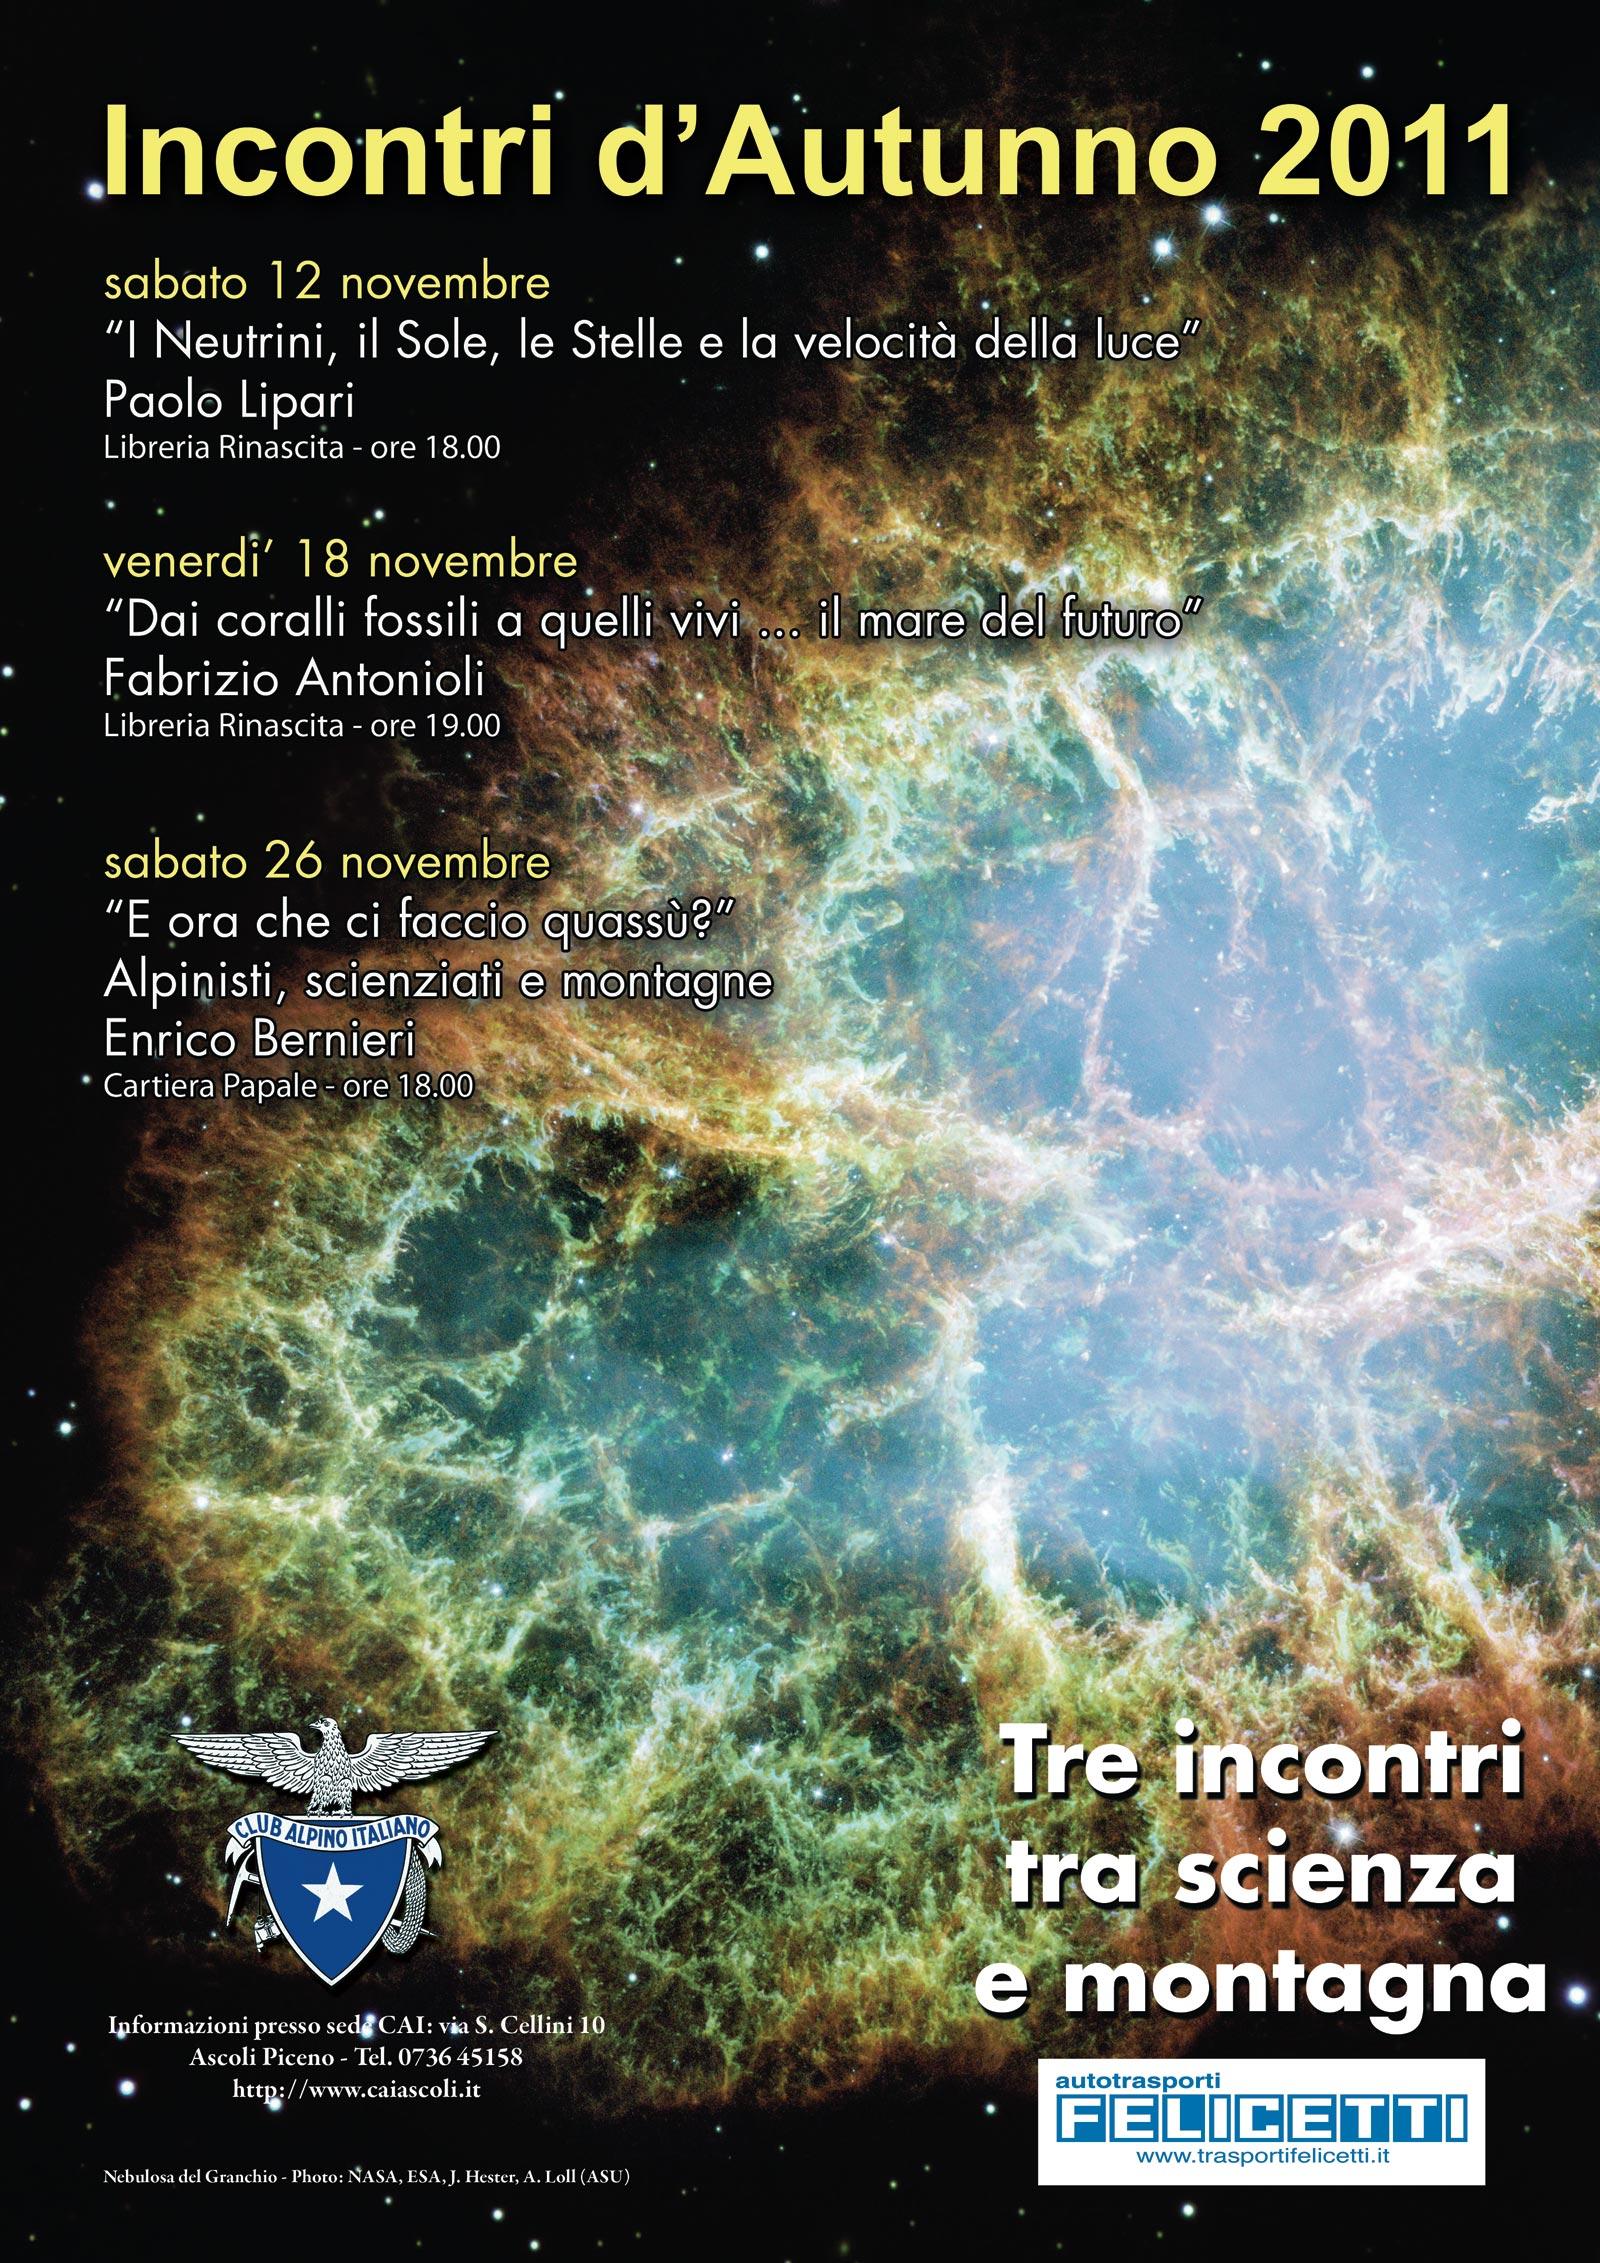 locandina-incontri-d'autunno-2011-web